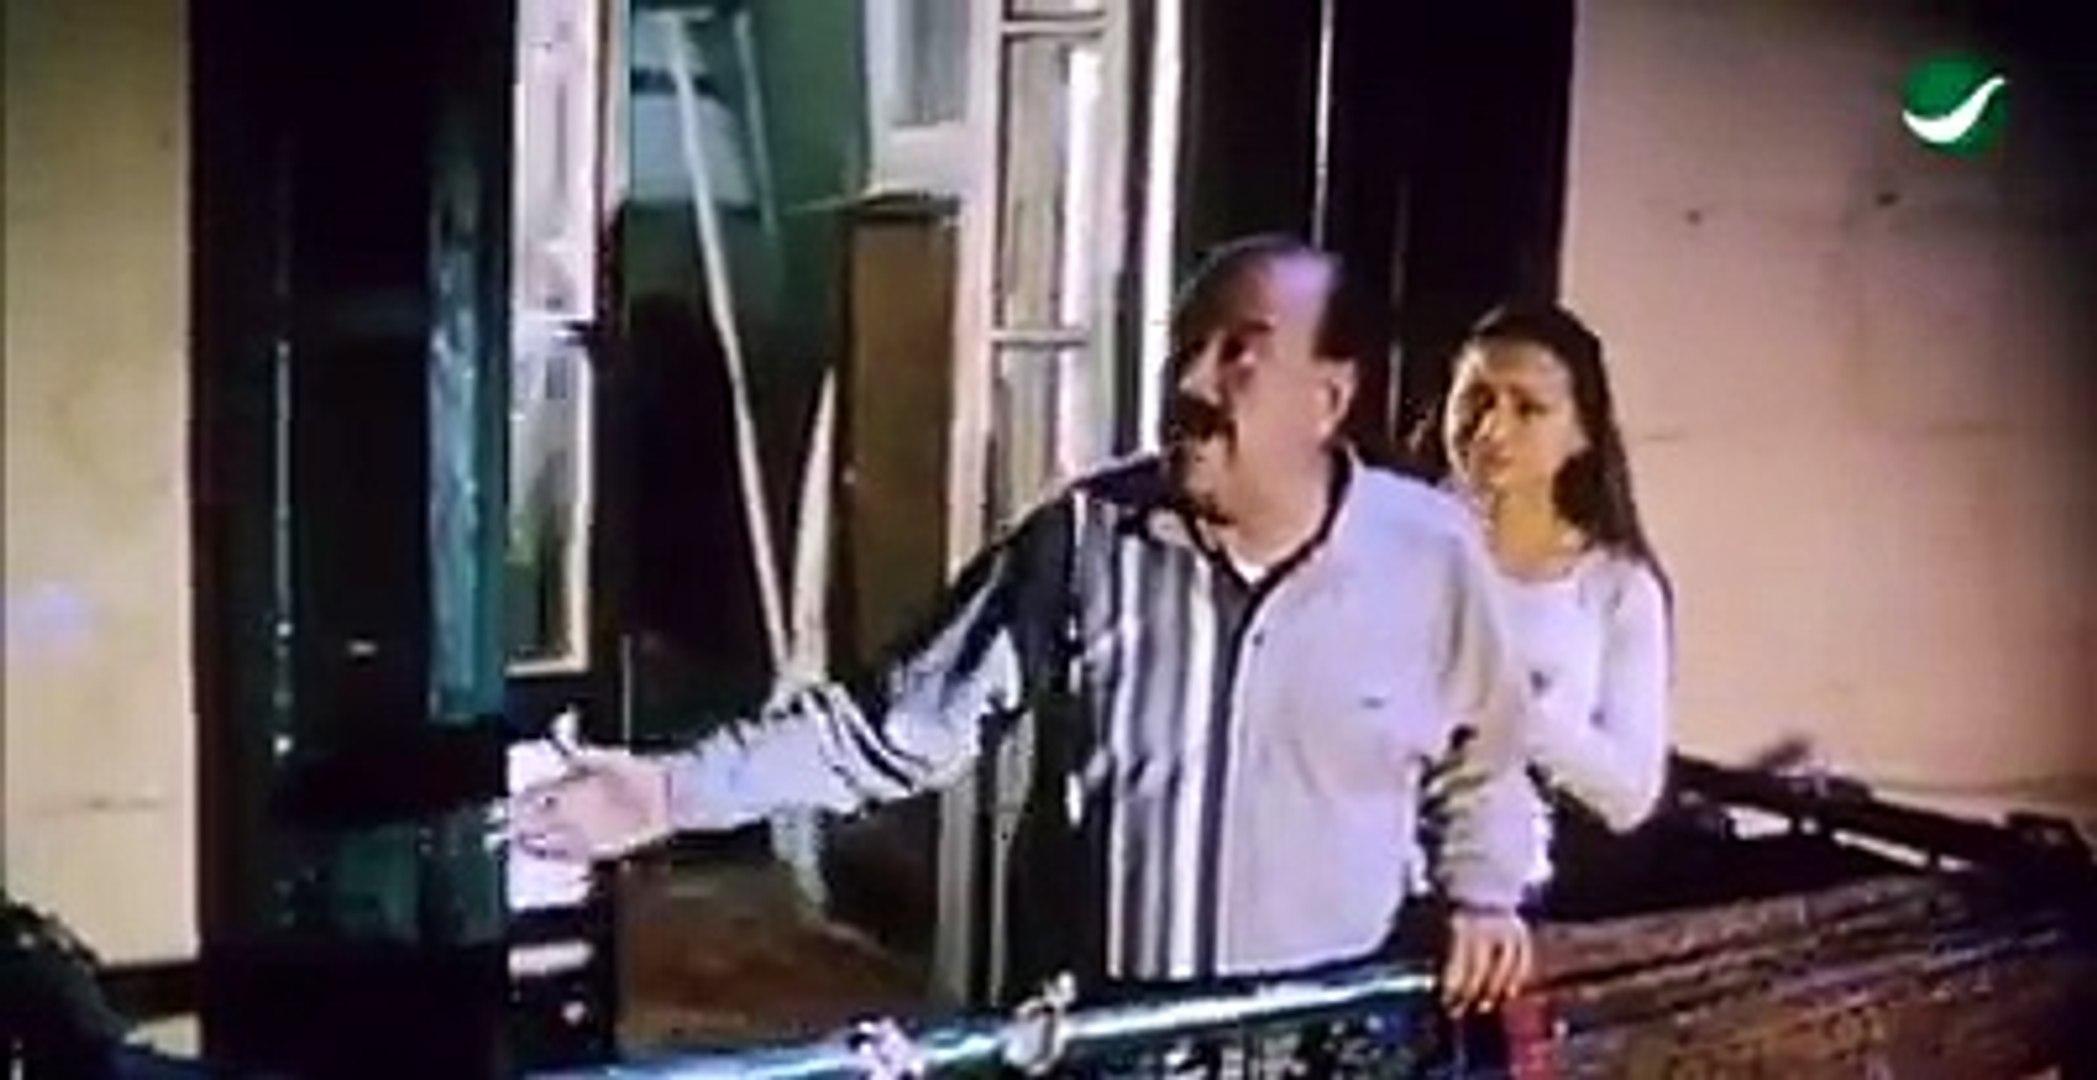 يا أم نيازي صحي نيازي وقوليله ضبش حرامي D مشهد كوميدي من فيلم